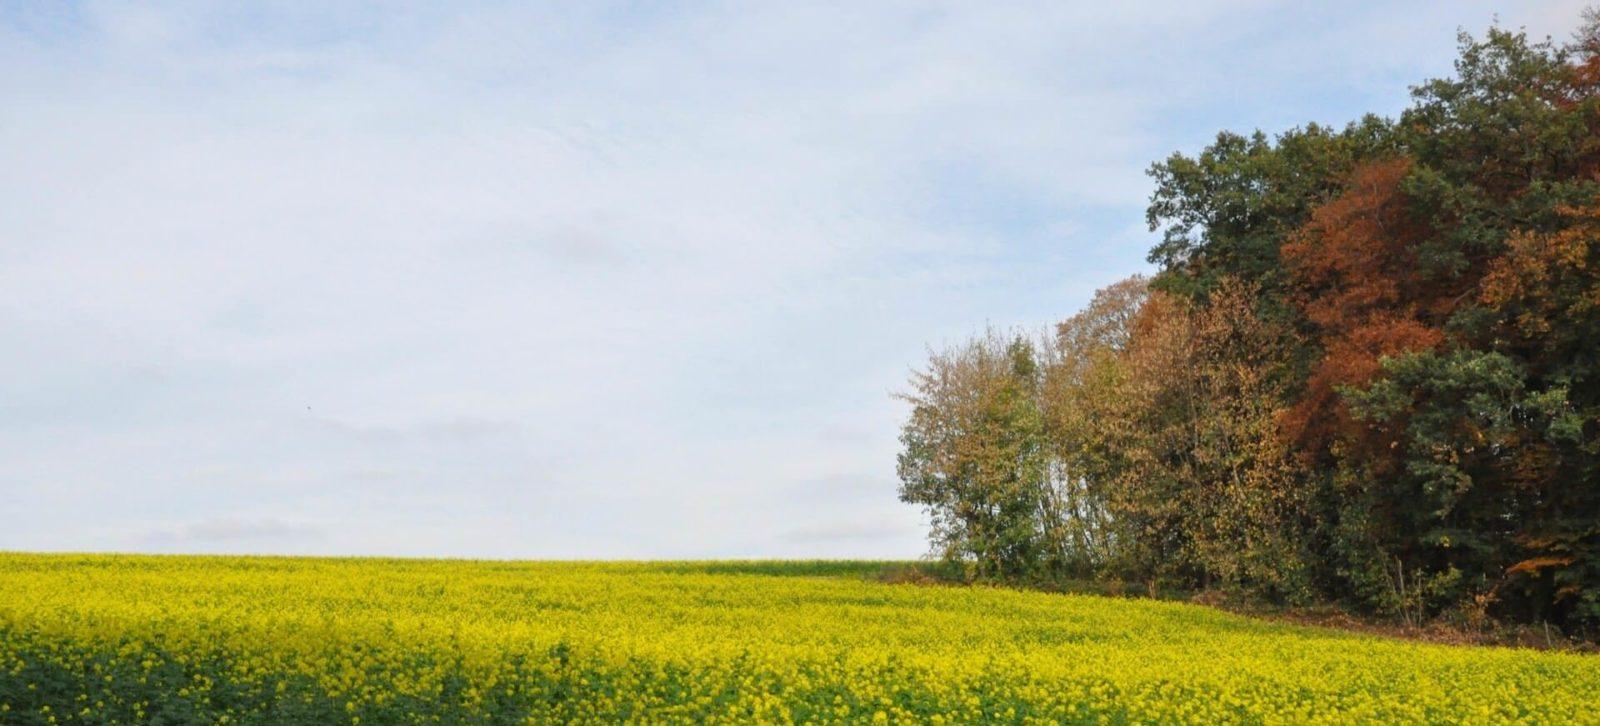 gelbe Felder und grüne Wiesen